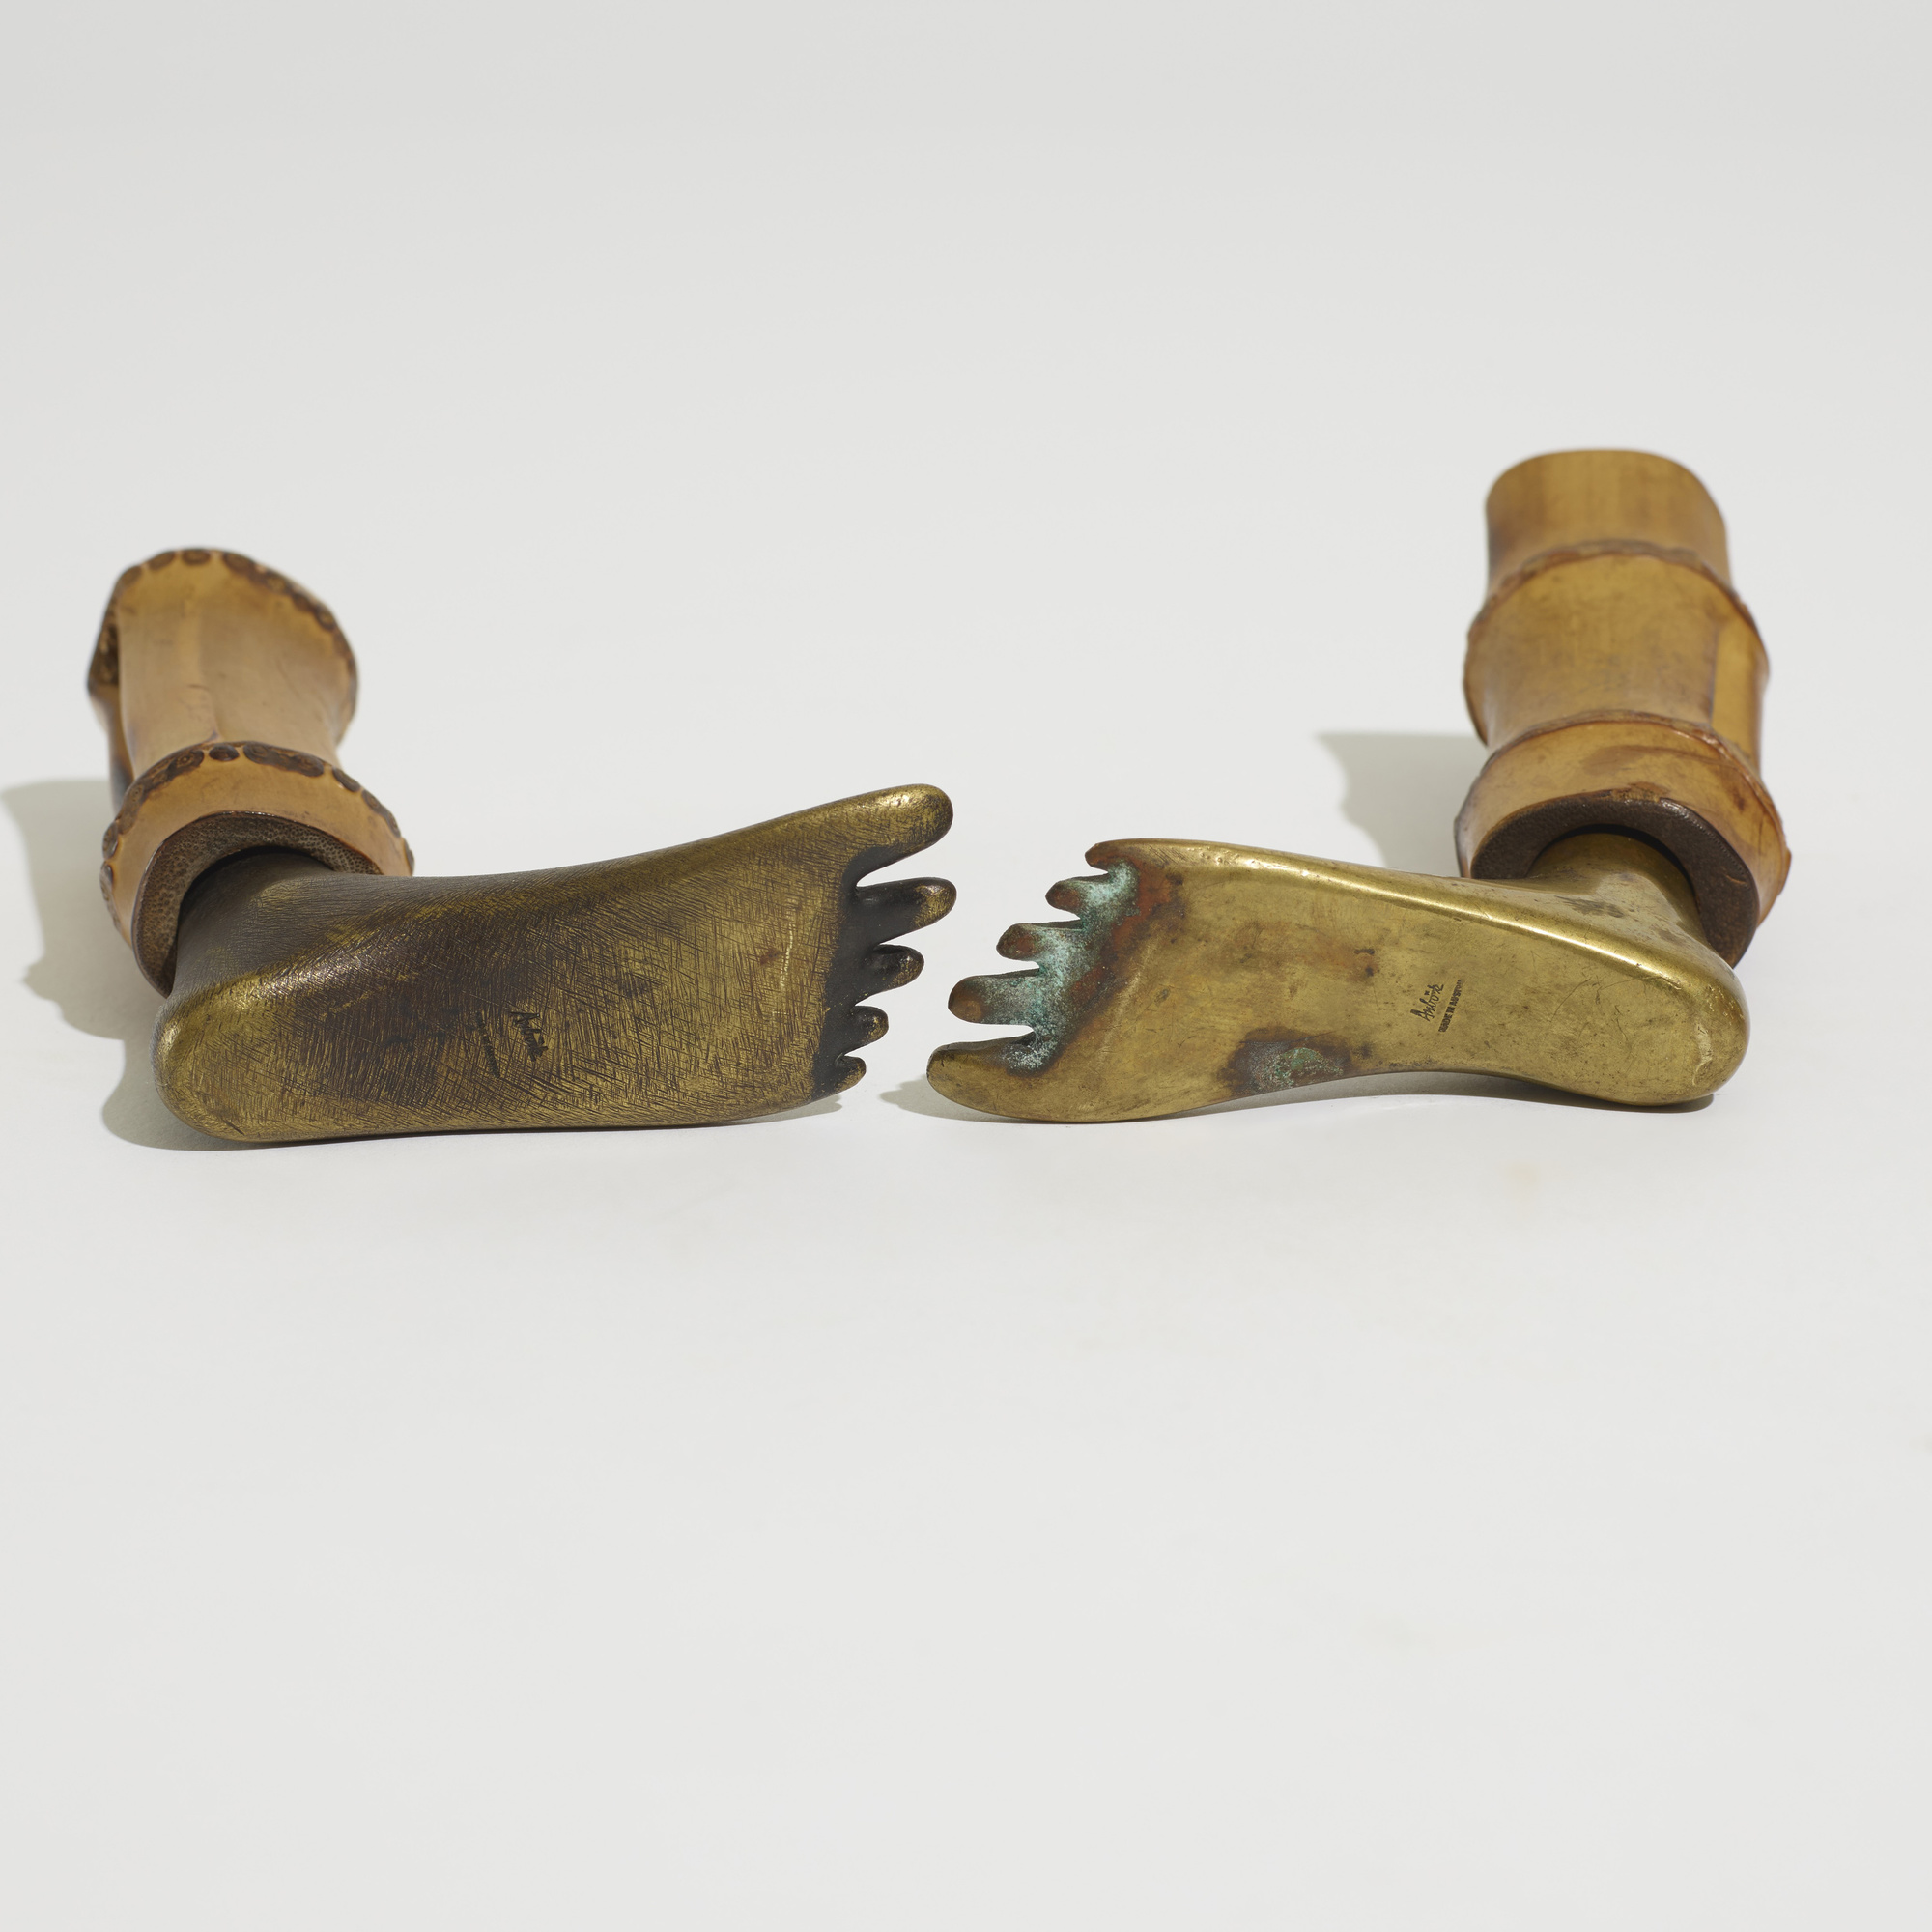 265: Carl Auböck II / corkscrews model 4273, pair (4 of 4)